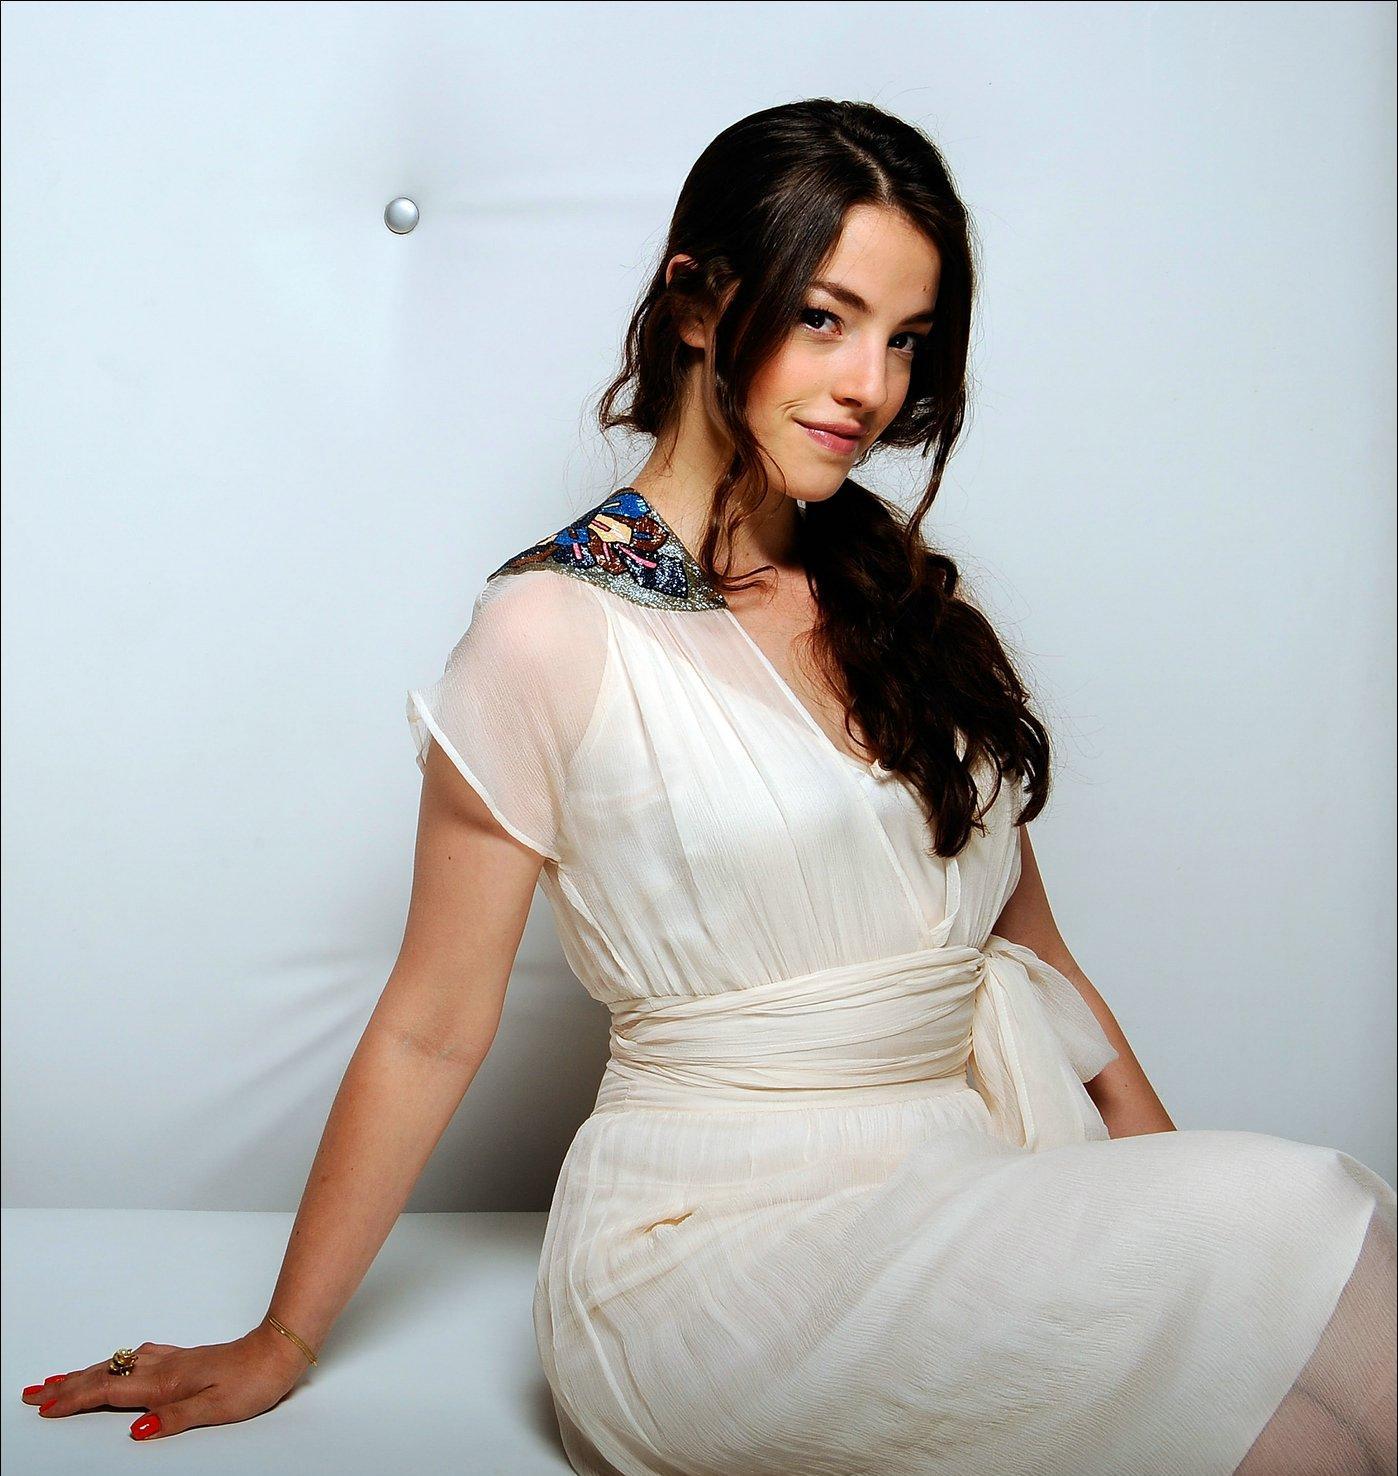 Hot Olivia Thirlby